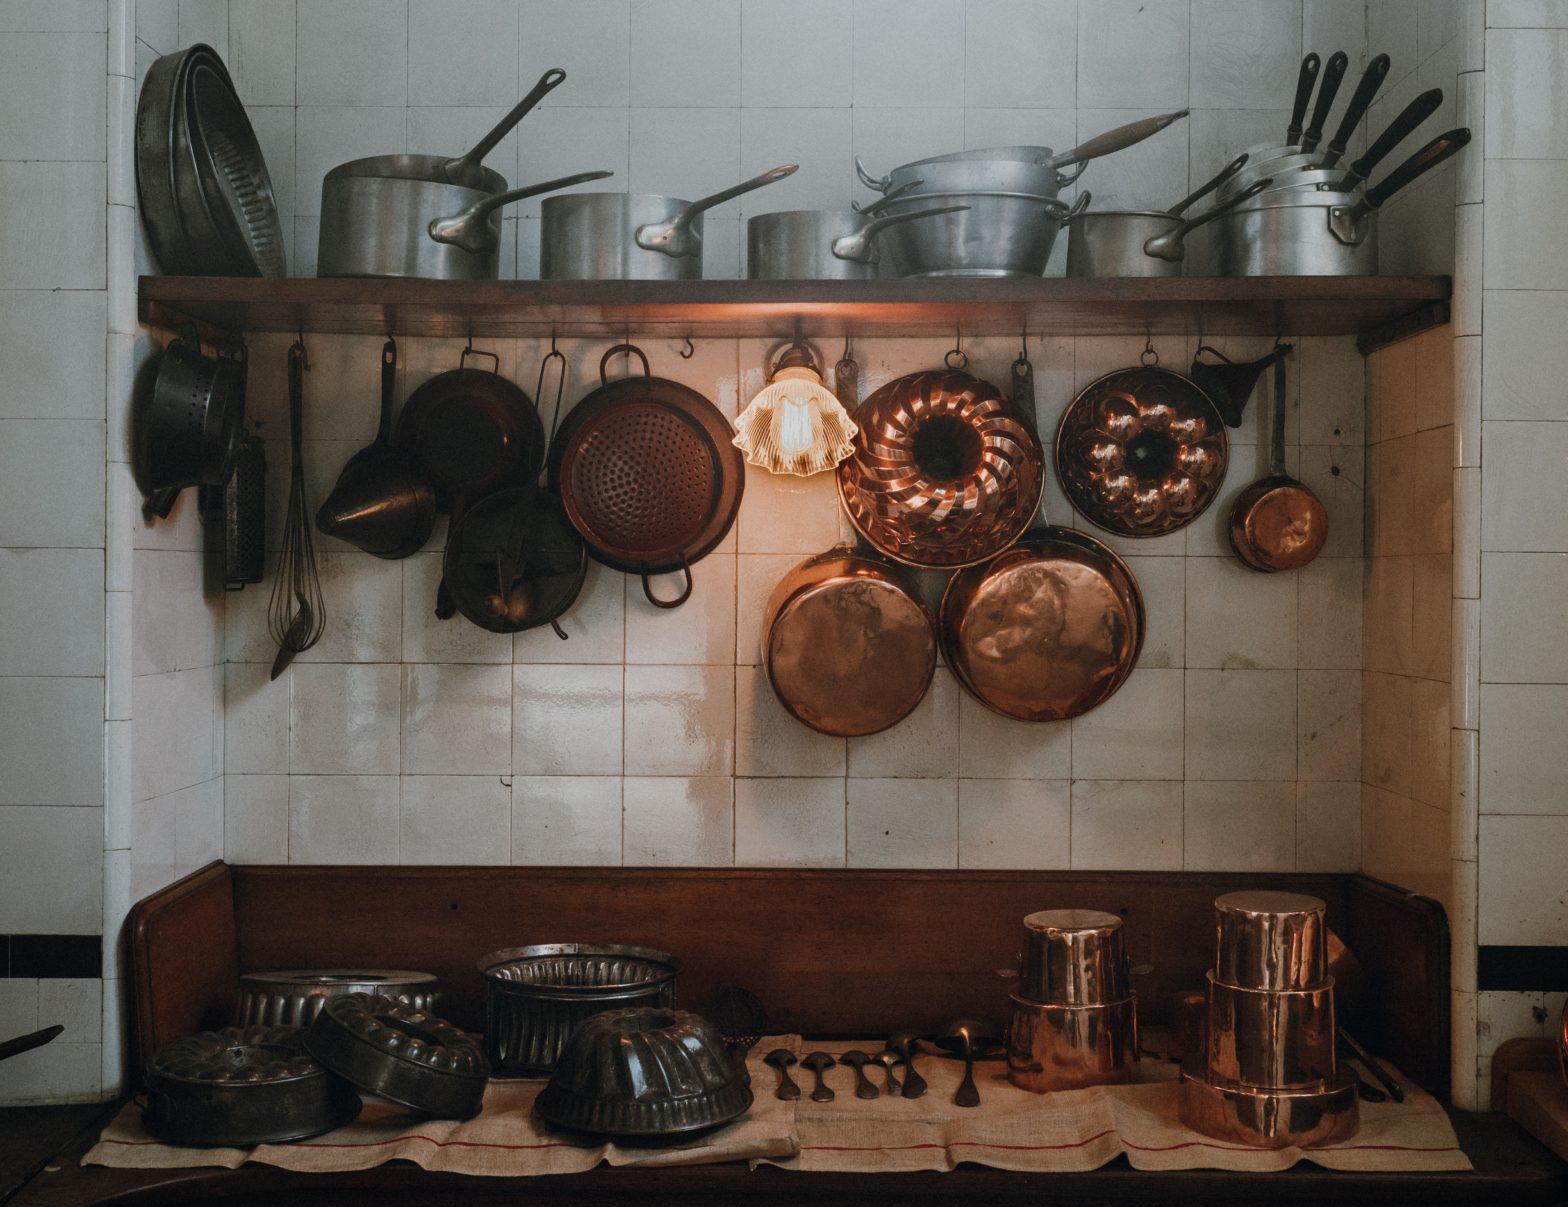 Top 10 oerhollandse gerechten